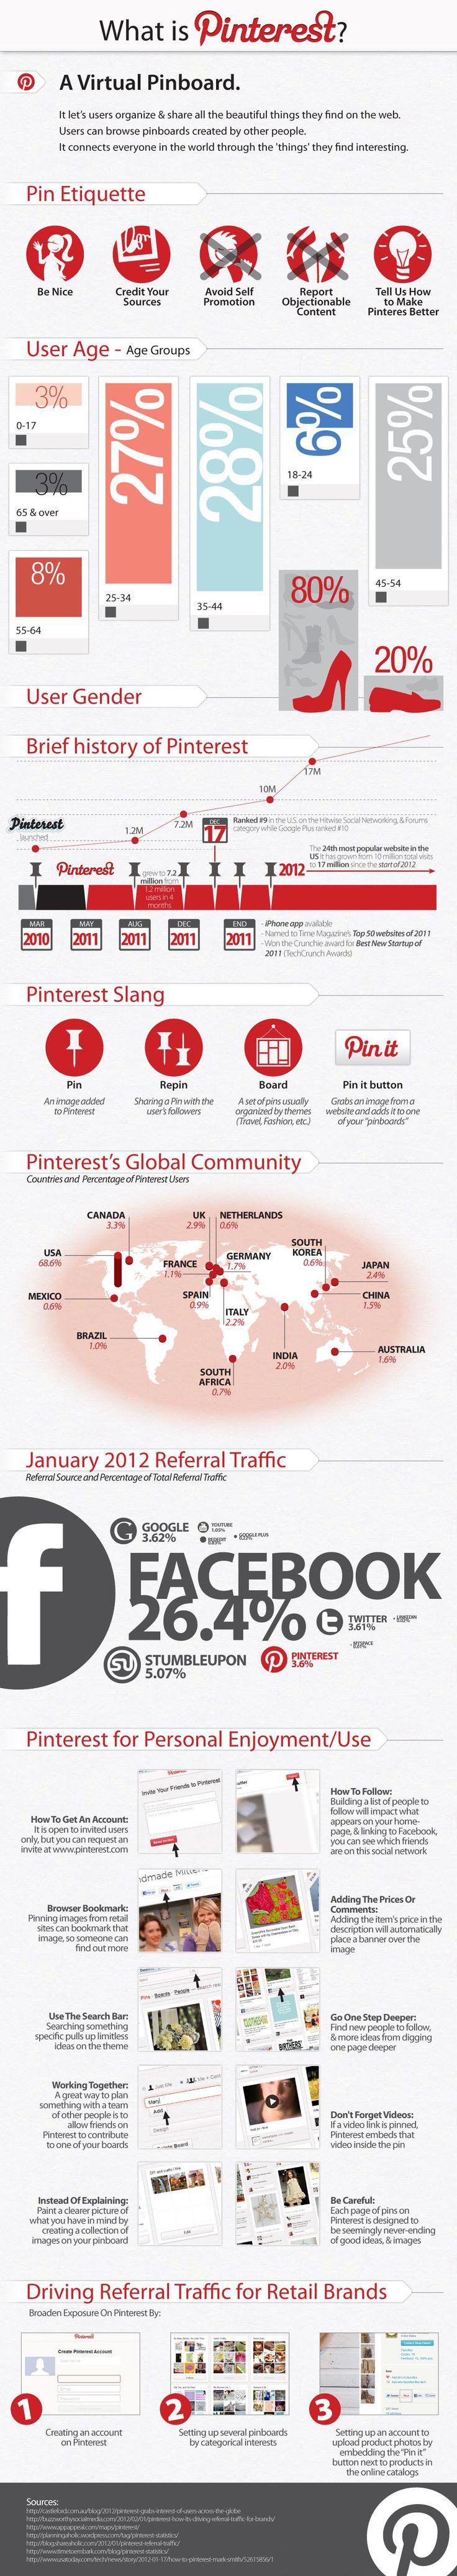 Pinterest : The Social Media Darling Of 2012